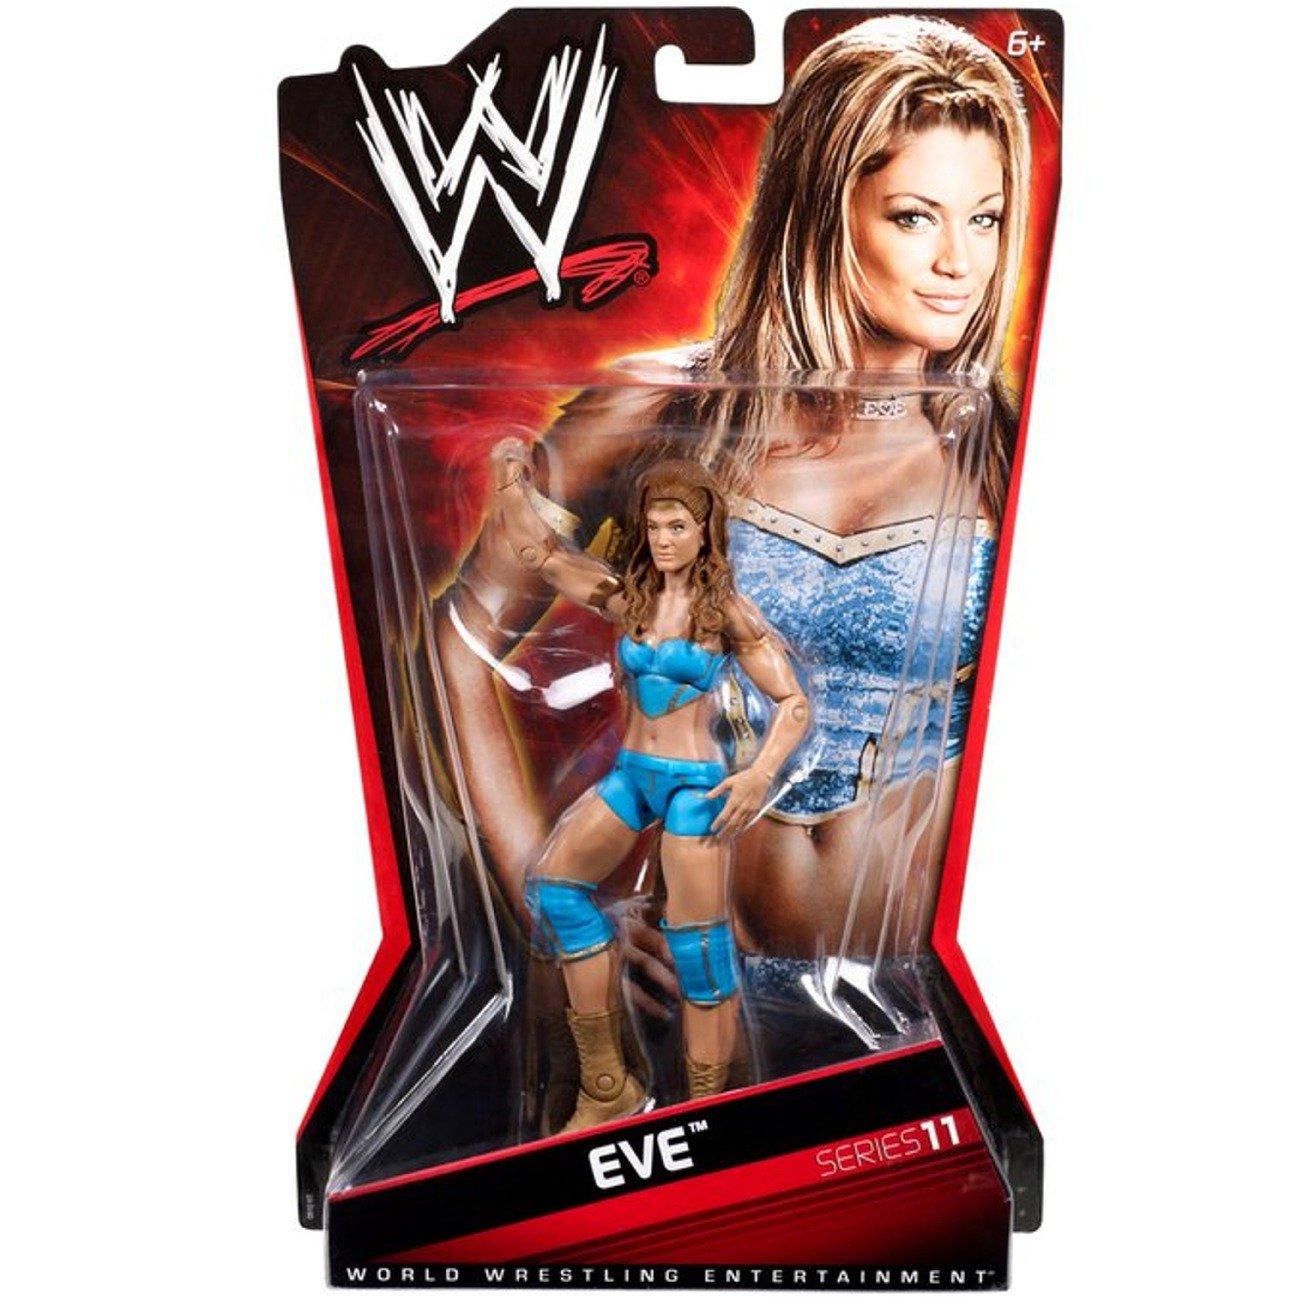 WWE Serie 11 Víspera Torres Figura De Acción De Lucha Libre